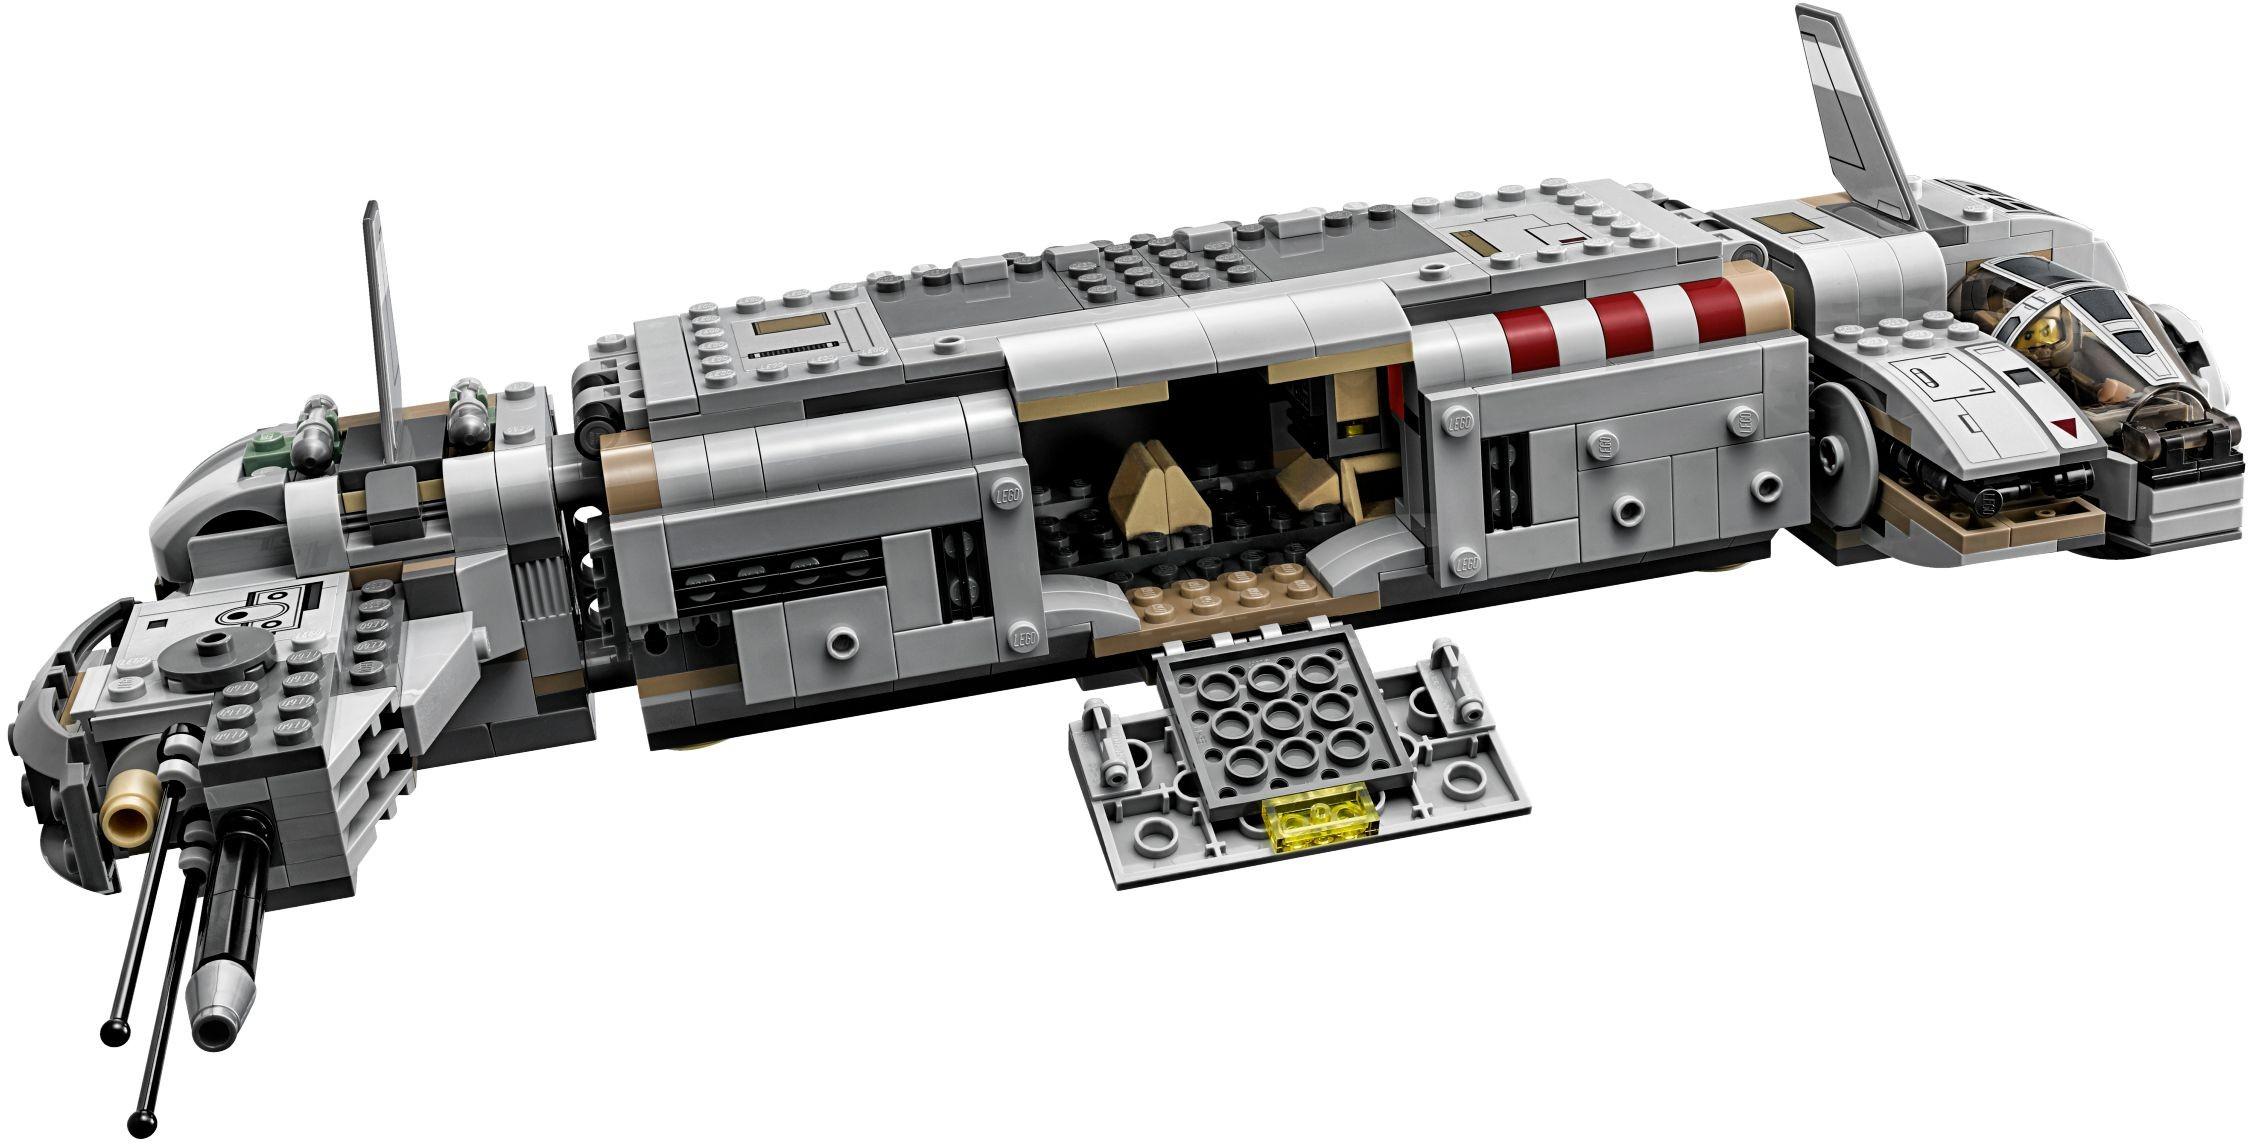 Đồ Chơi Xếp Hình -  Tàu Bay Thiết Giáp Của Đội Quân Kháng Chiến Thương Hiệu LEGO